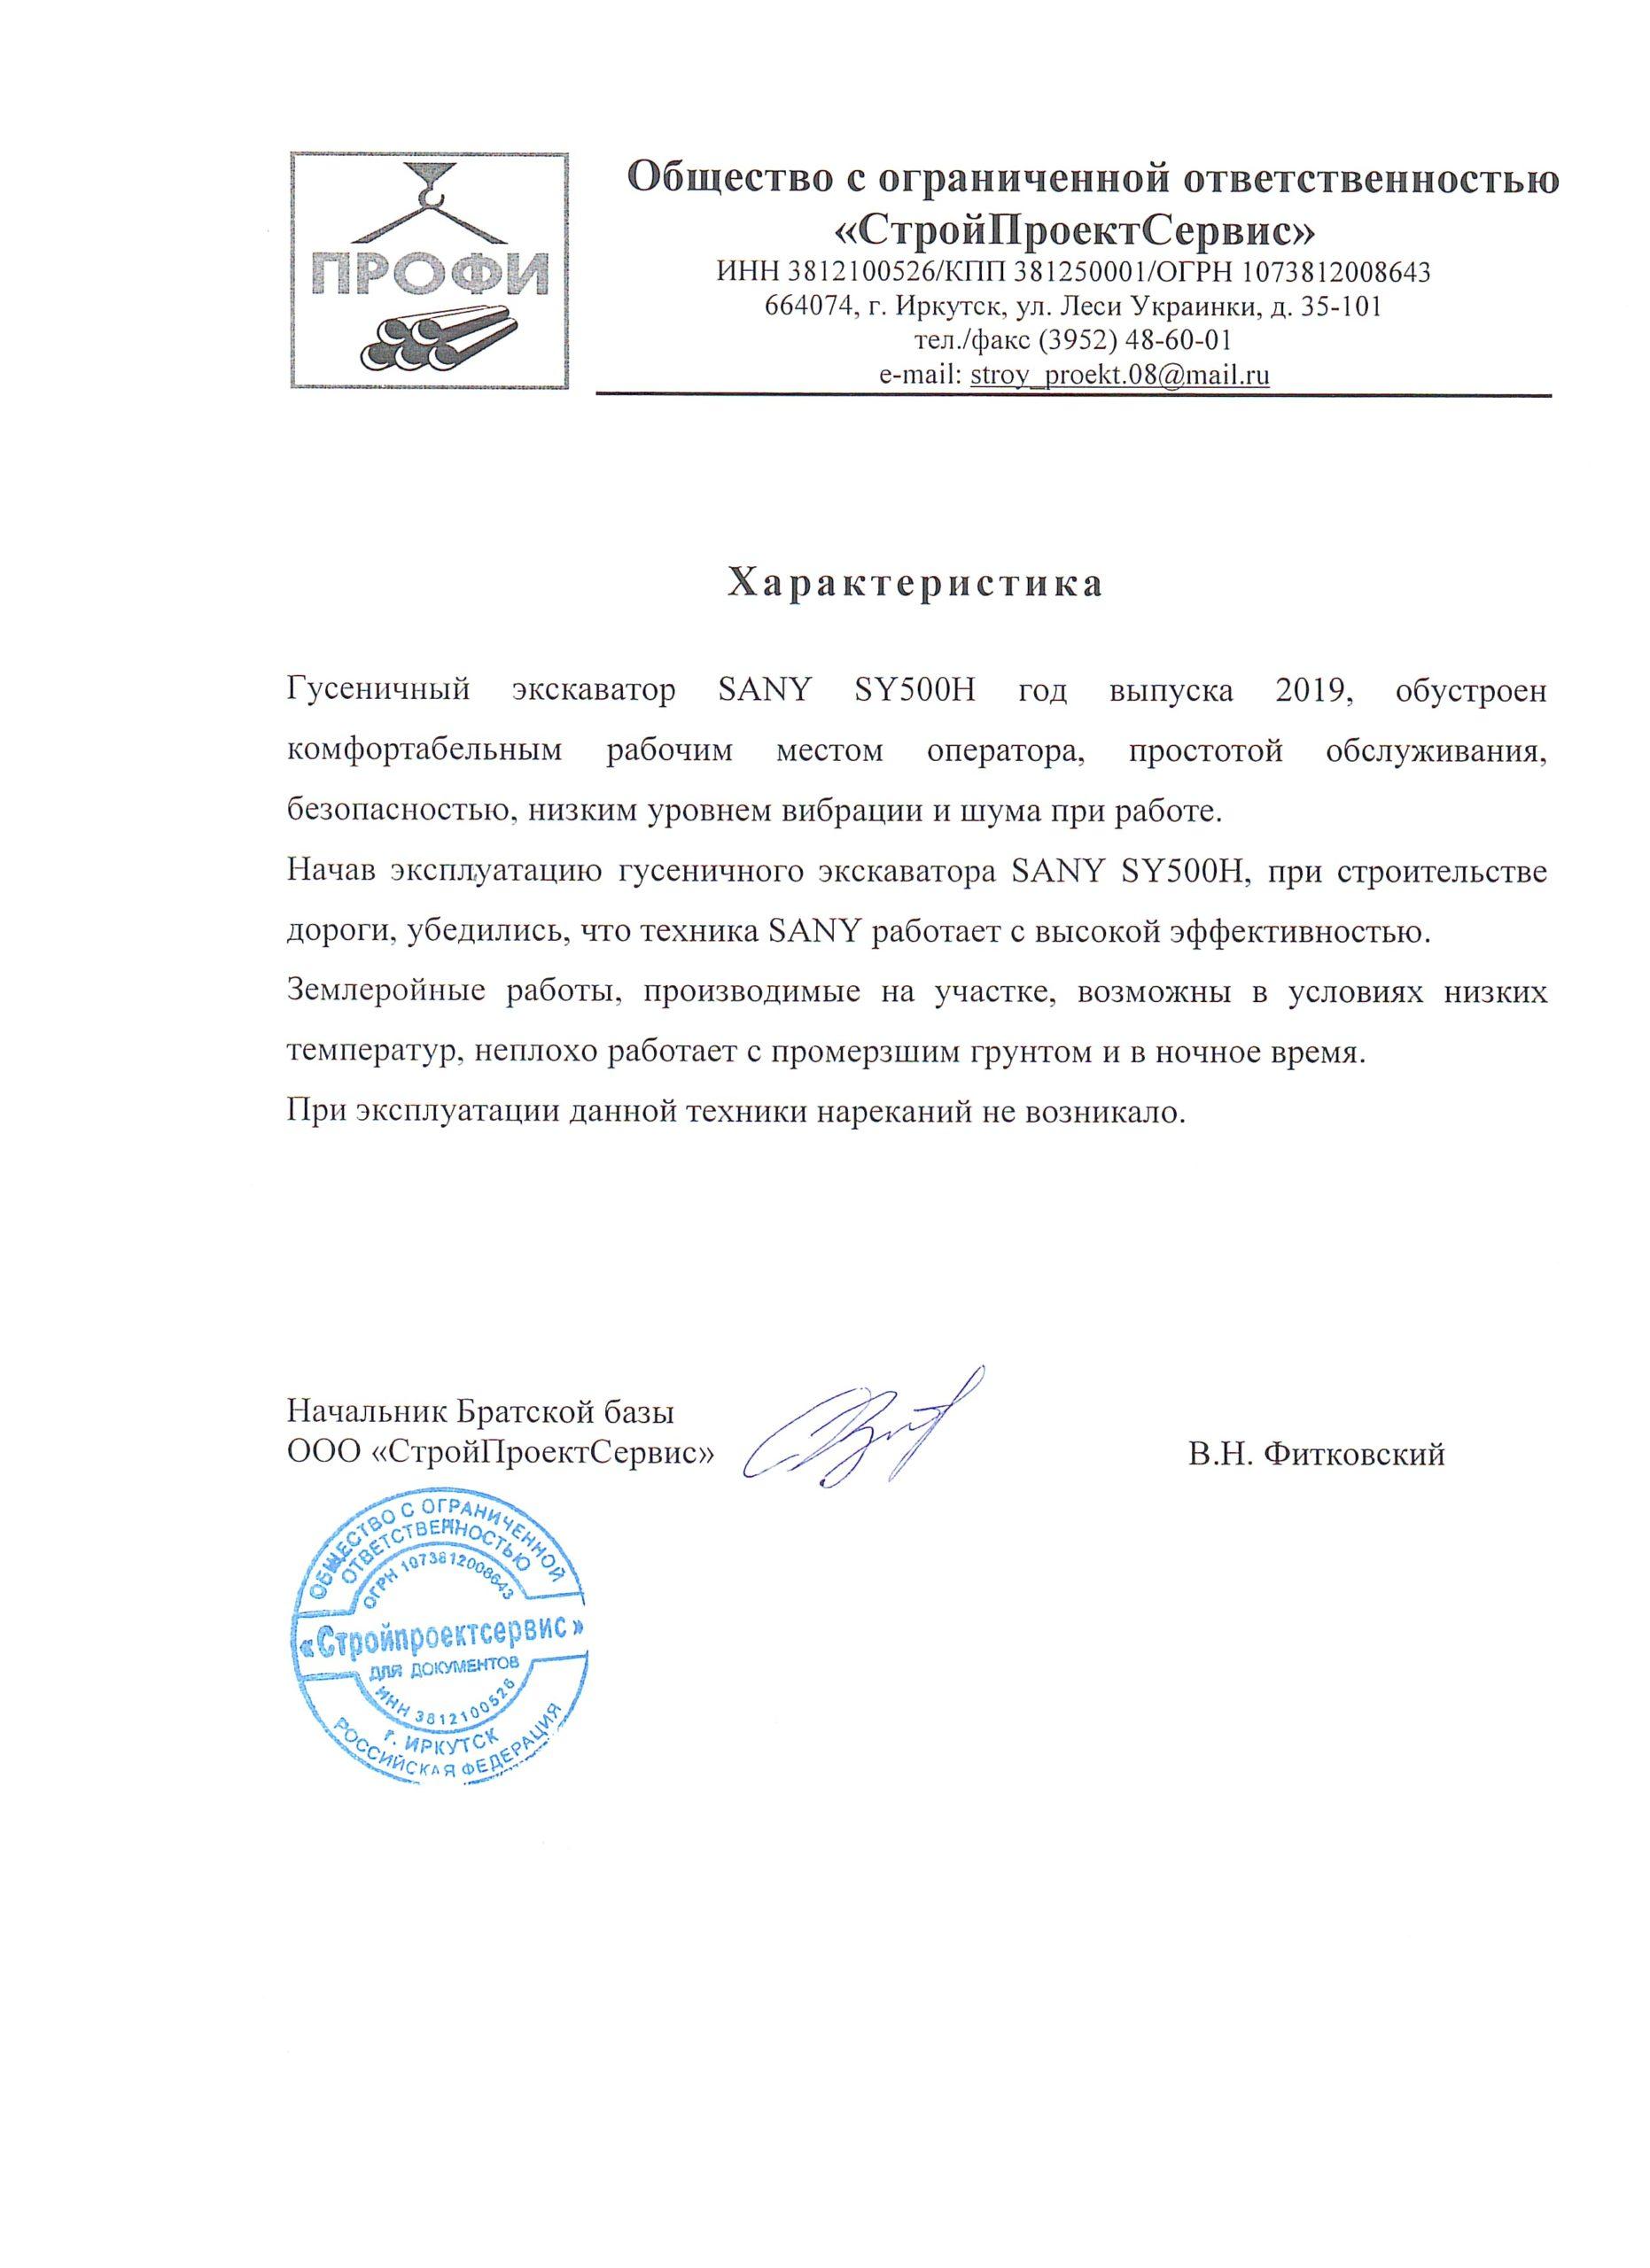 Отзыв компании СтройПроектСервис